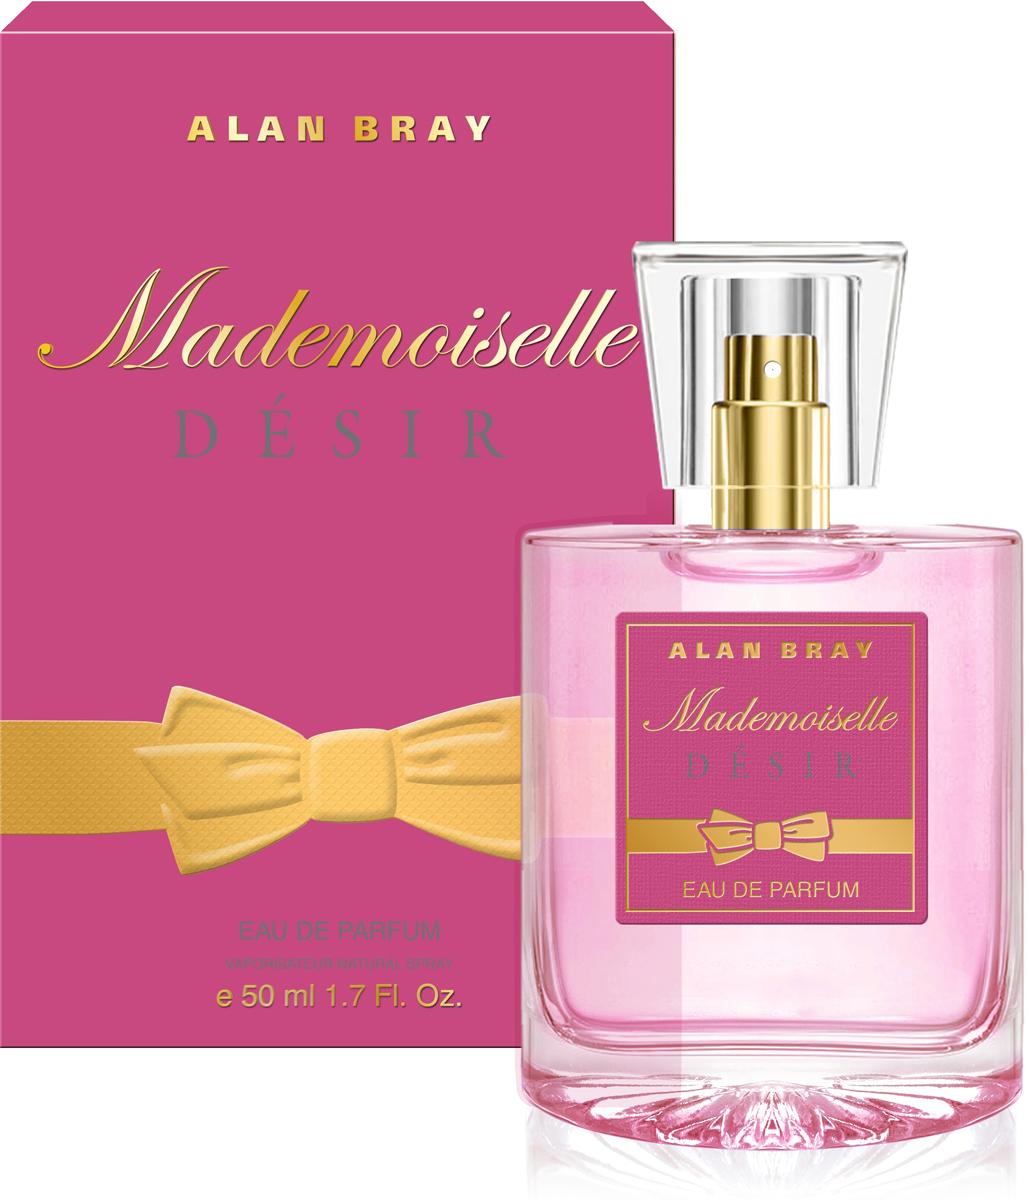 Alan Bray Парфюмерная вода Mademoiselle Desir, 50 мл bond женская парфюмированная вода di gardini desir 100 мл